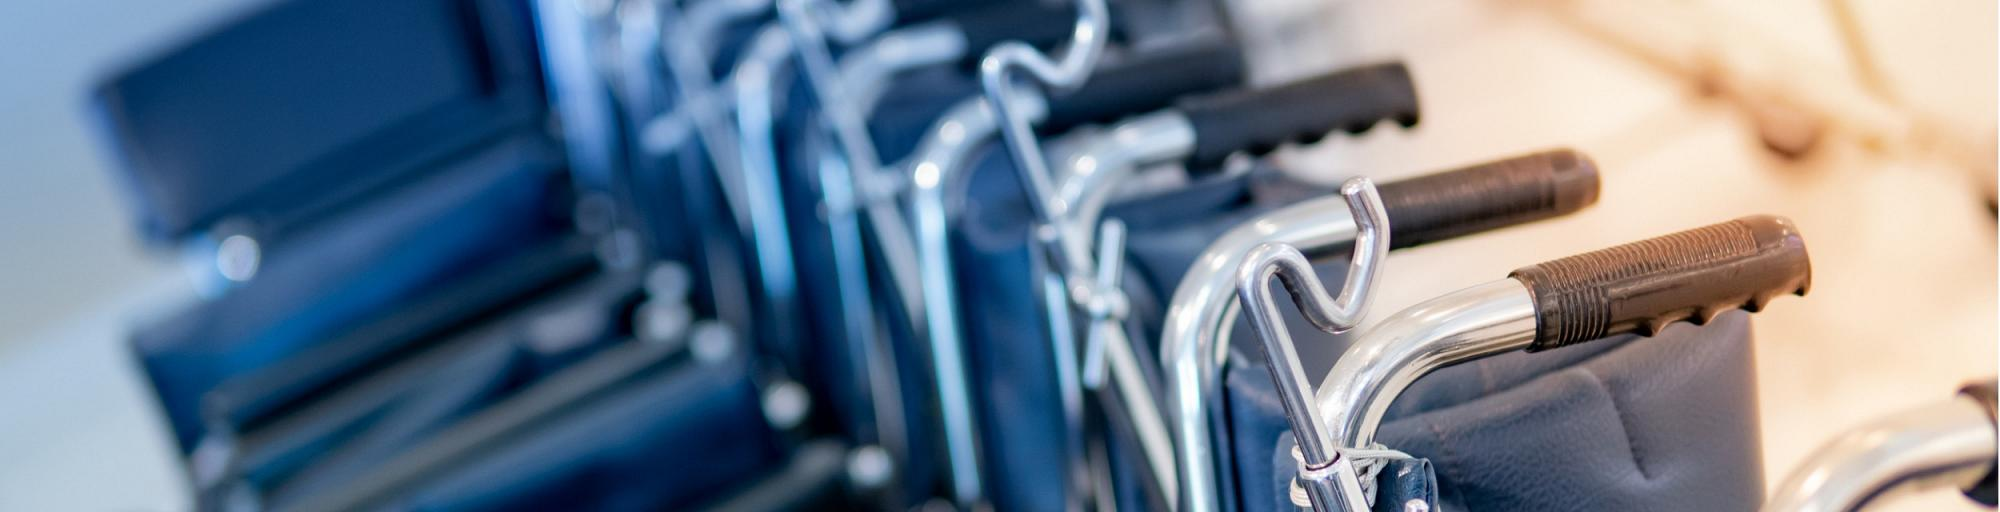 Rollstühle & Gehhilfen leihen